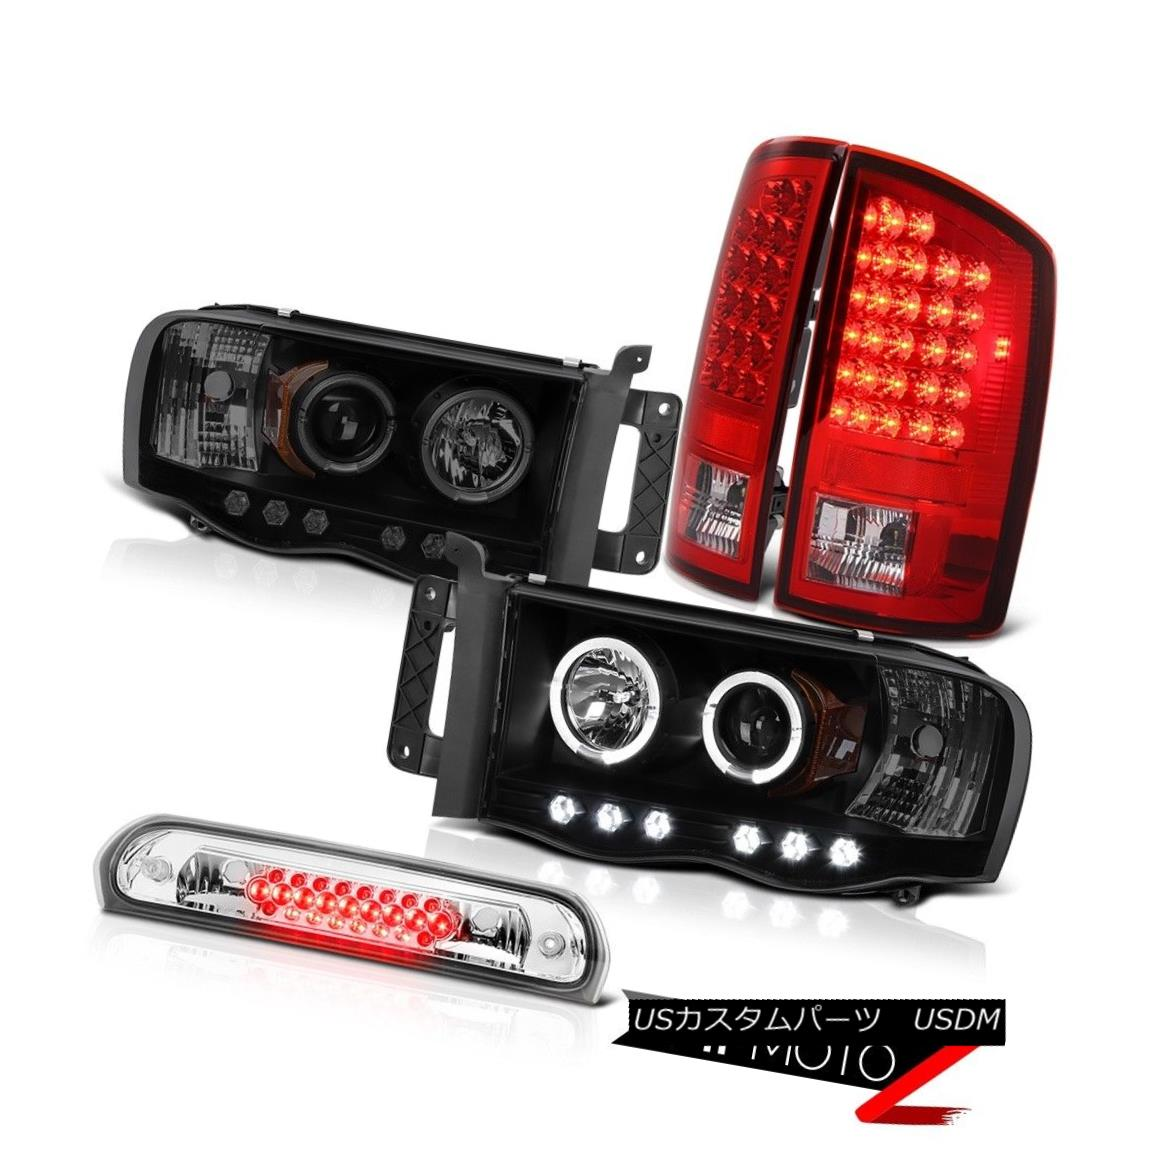 テールライト Halo LED Headlights RED Rear Tail Lights Assembly Euro Third Brake 02-05 Ram V8 Halo LEDヘッドライトREDリアテールライトアセンブリEuro 3rdブレーキ02-05 Ram V8